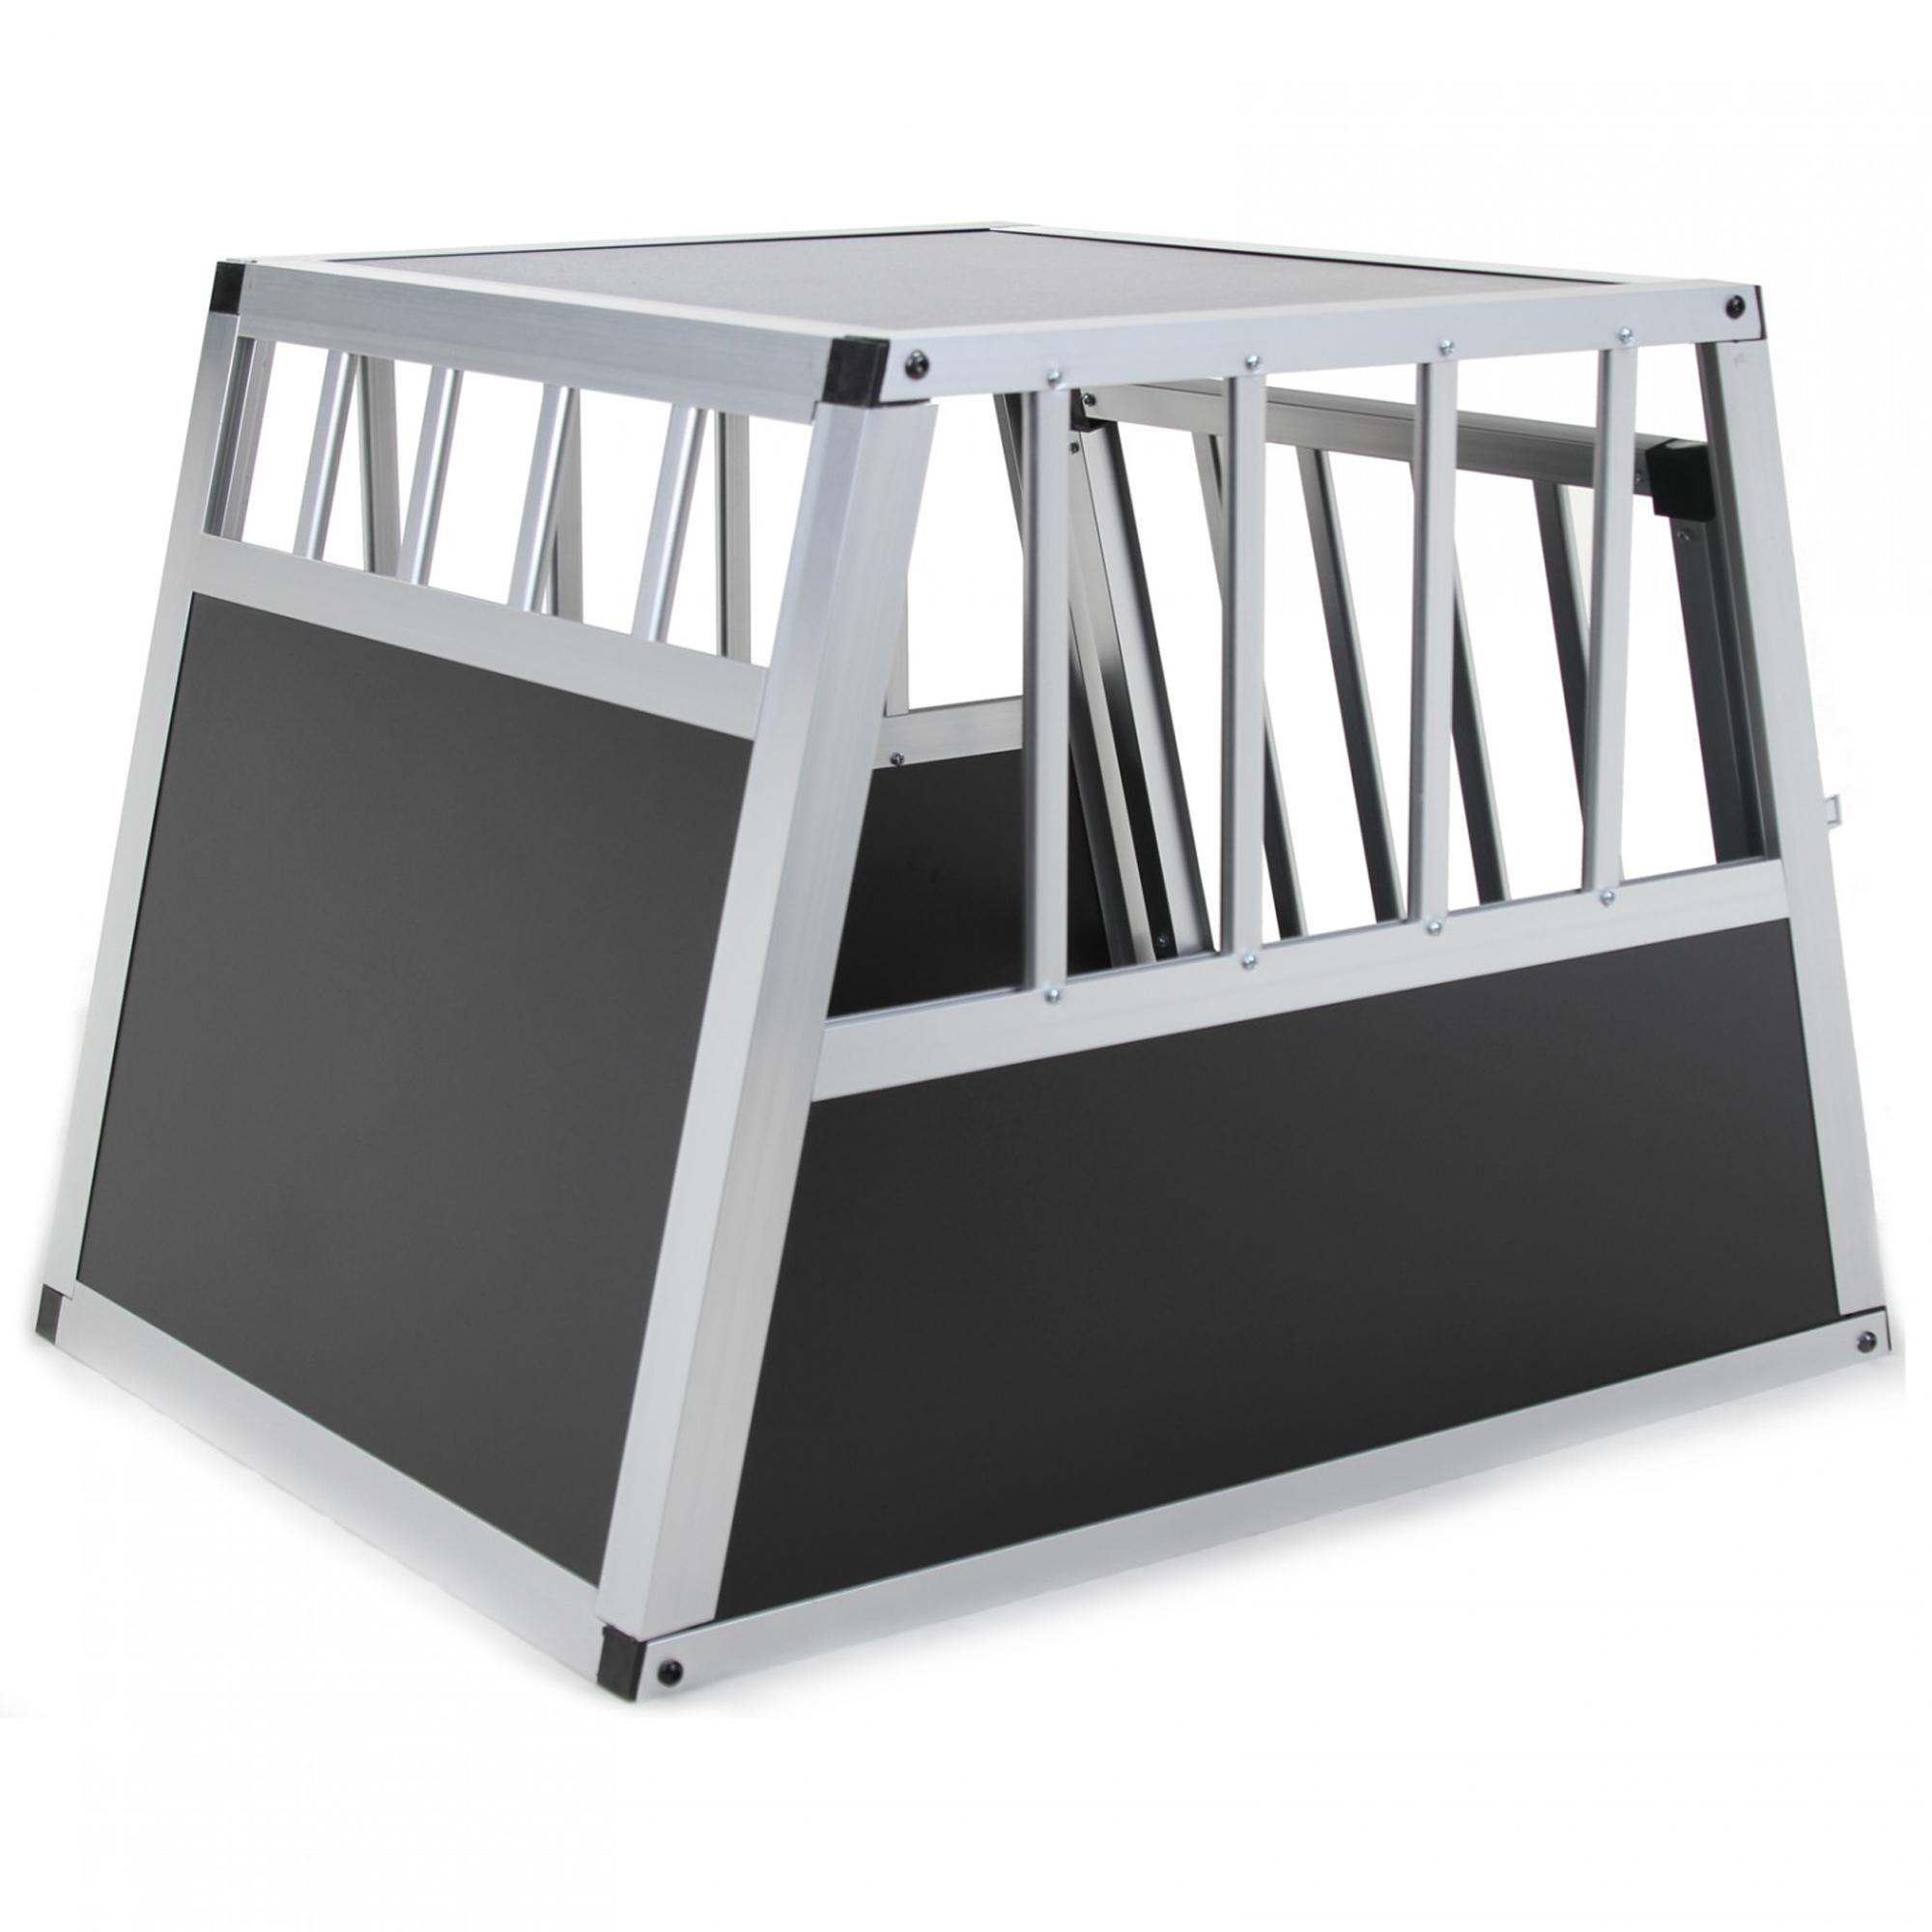 jalano hundetransportbox gr e s auto gitterbox hunde alu. Black Bedroom Furniture Sets. Home Design Ideas